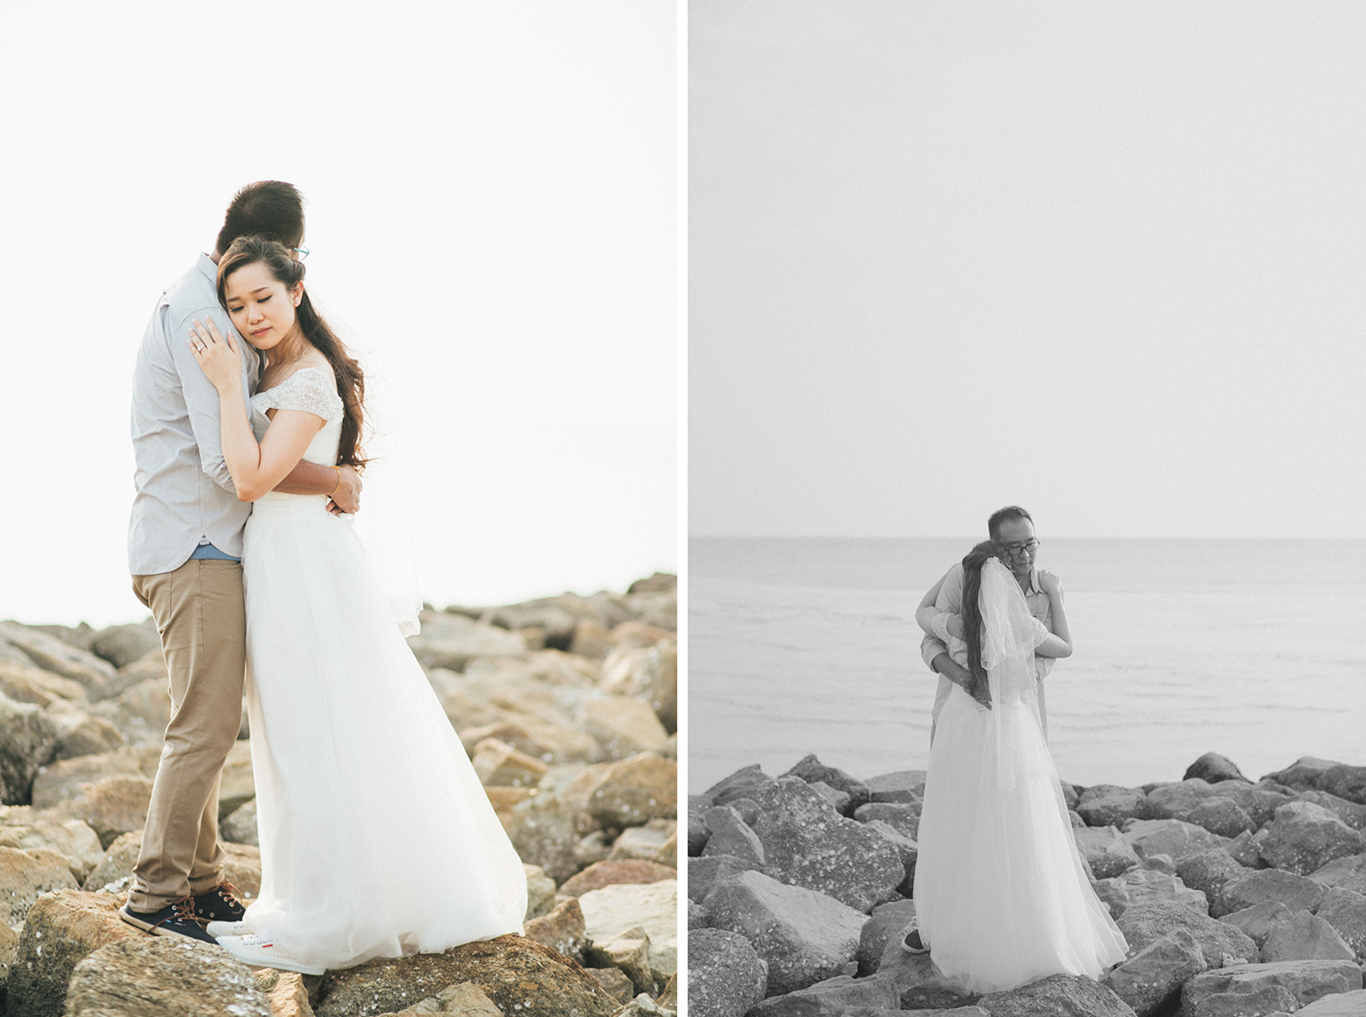 14-hellojanelee-sekinchan-prewedding-engagement-malaysia